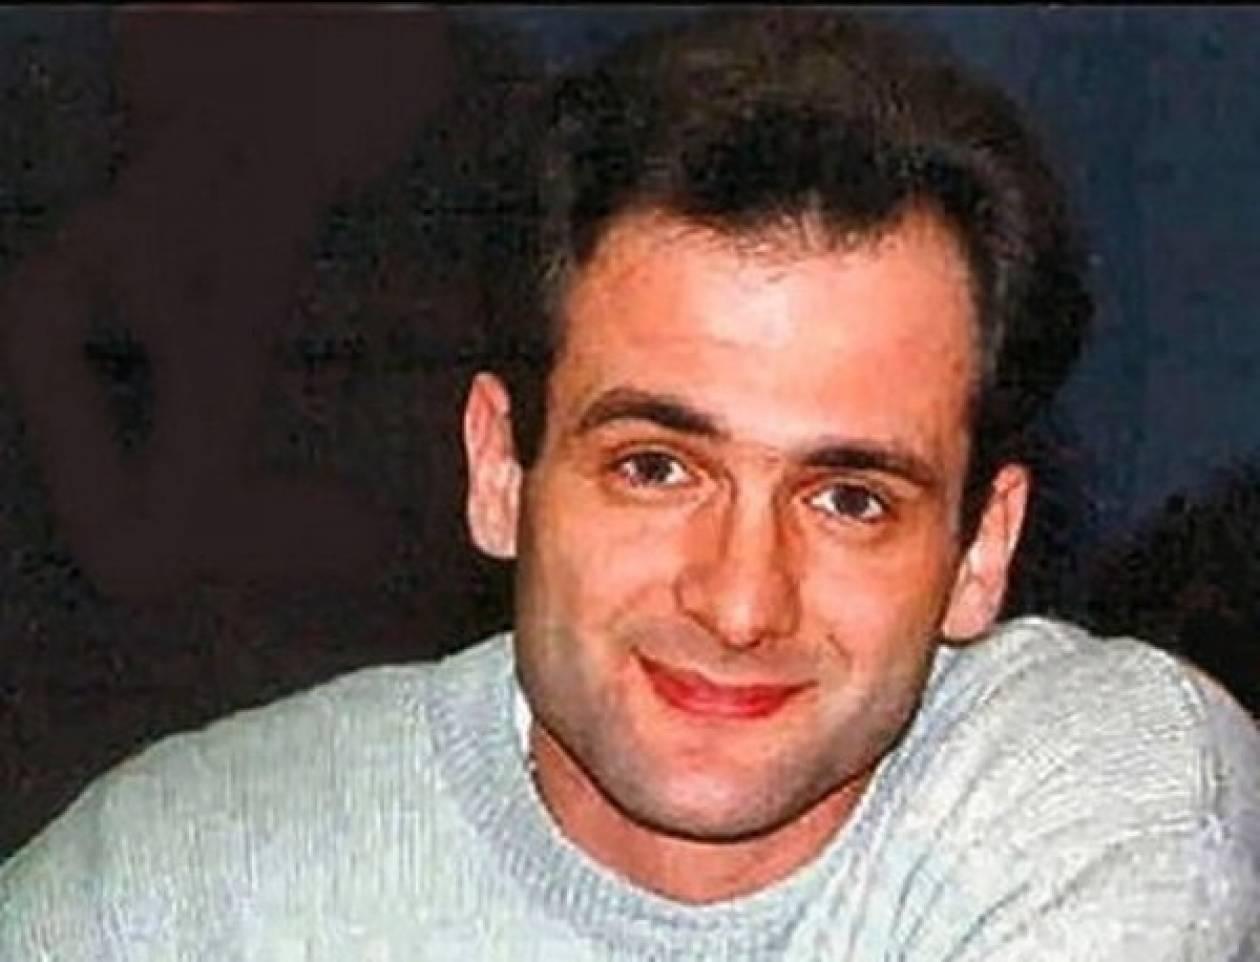 Ισόβια σε πρώην διοικητή της αστυνομίας που στραγγάλισε δημοσιογράφο